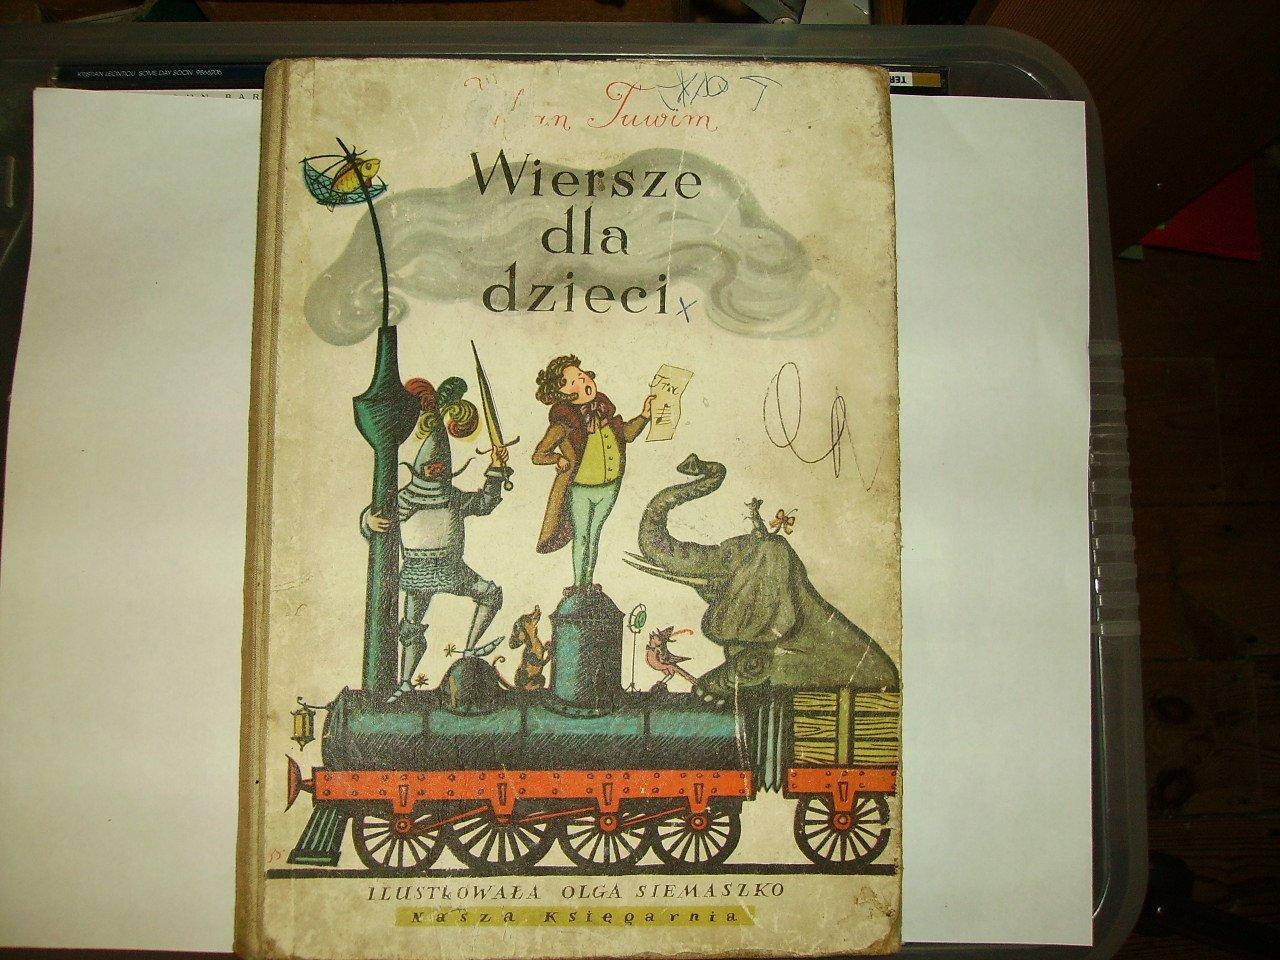 Wiersze Dla Dzieci Julian Tuwim Olga Siemaszko Amazoncom